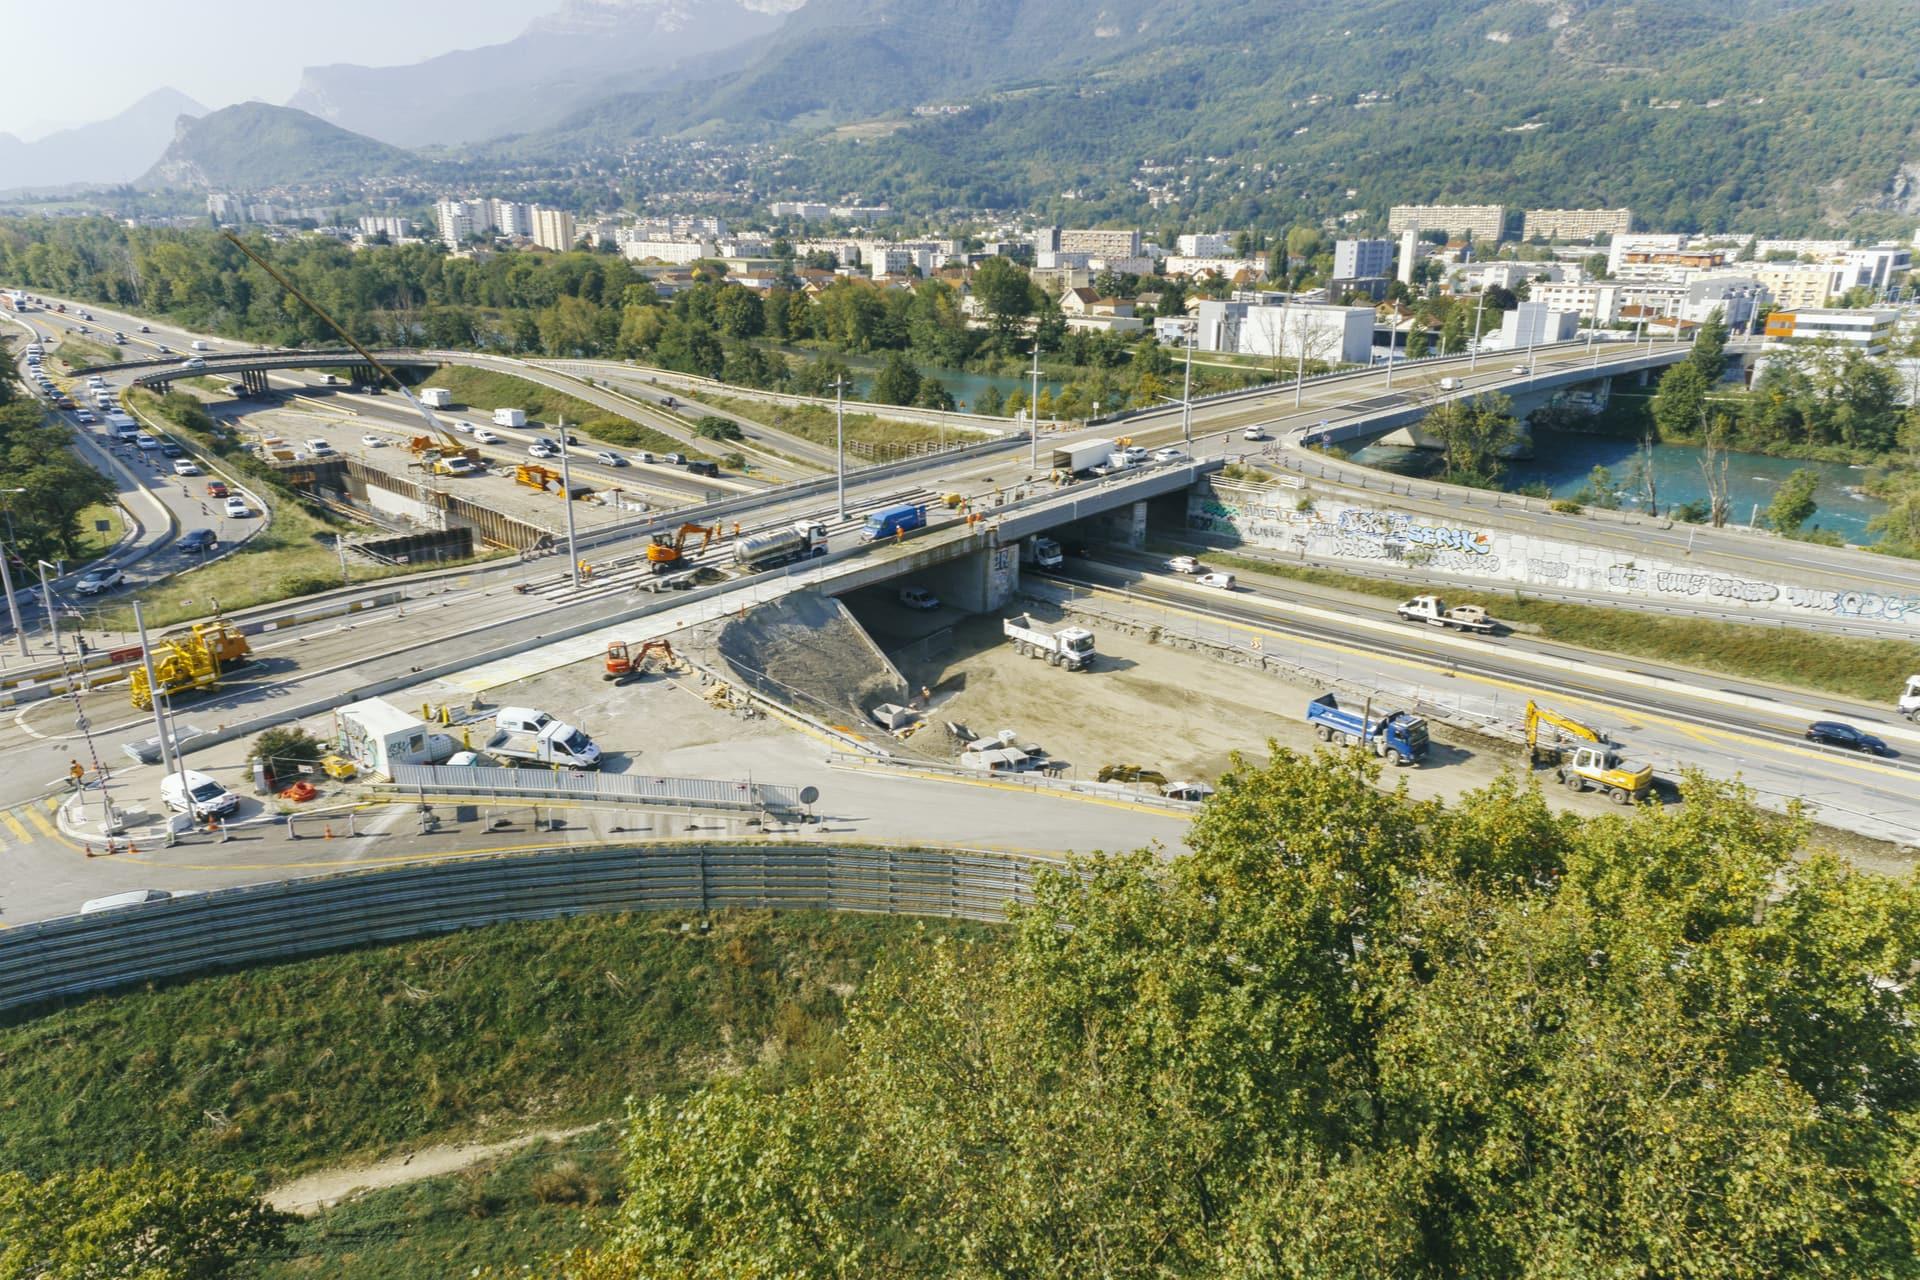 échangeur de Catane à Grenoble dans le cadre des travaux d'aménagements de l'autoroute A480